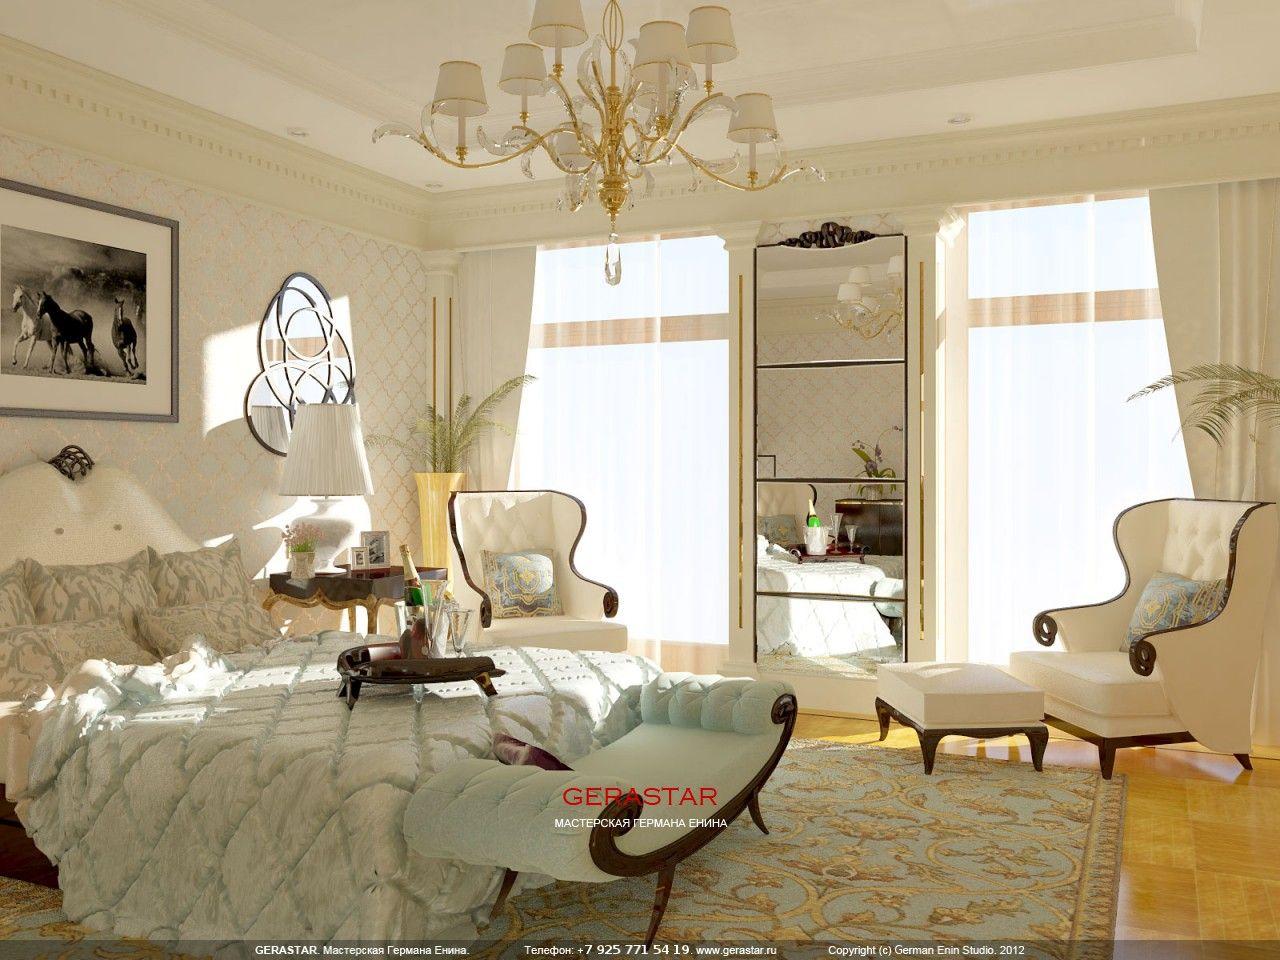 christopher furniture. Christopher Guy Furniture | Furniture, Designer Enin German - Bedroom, .